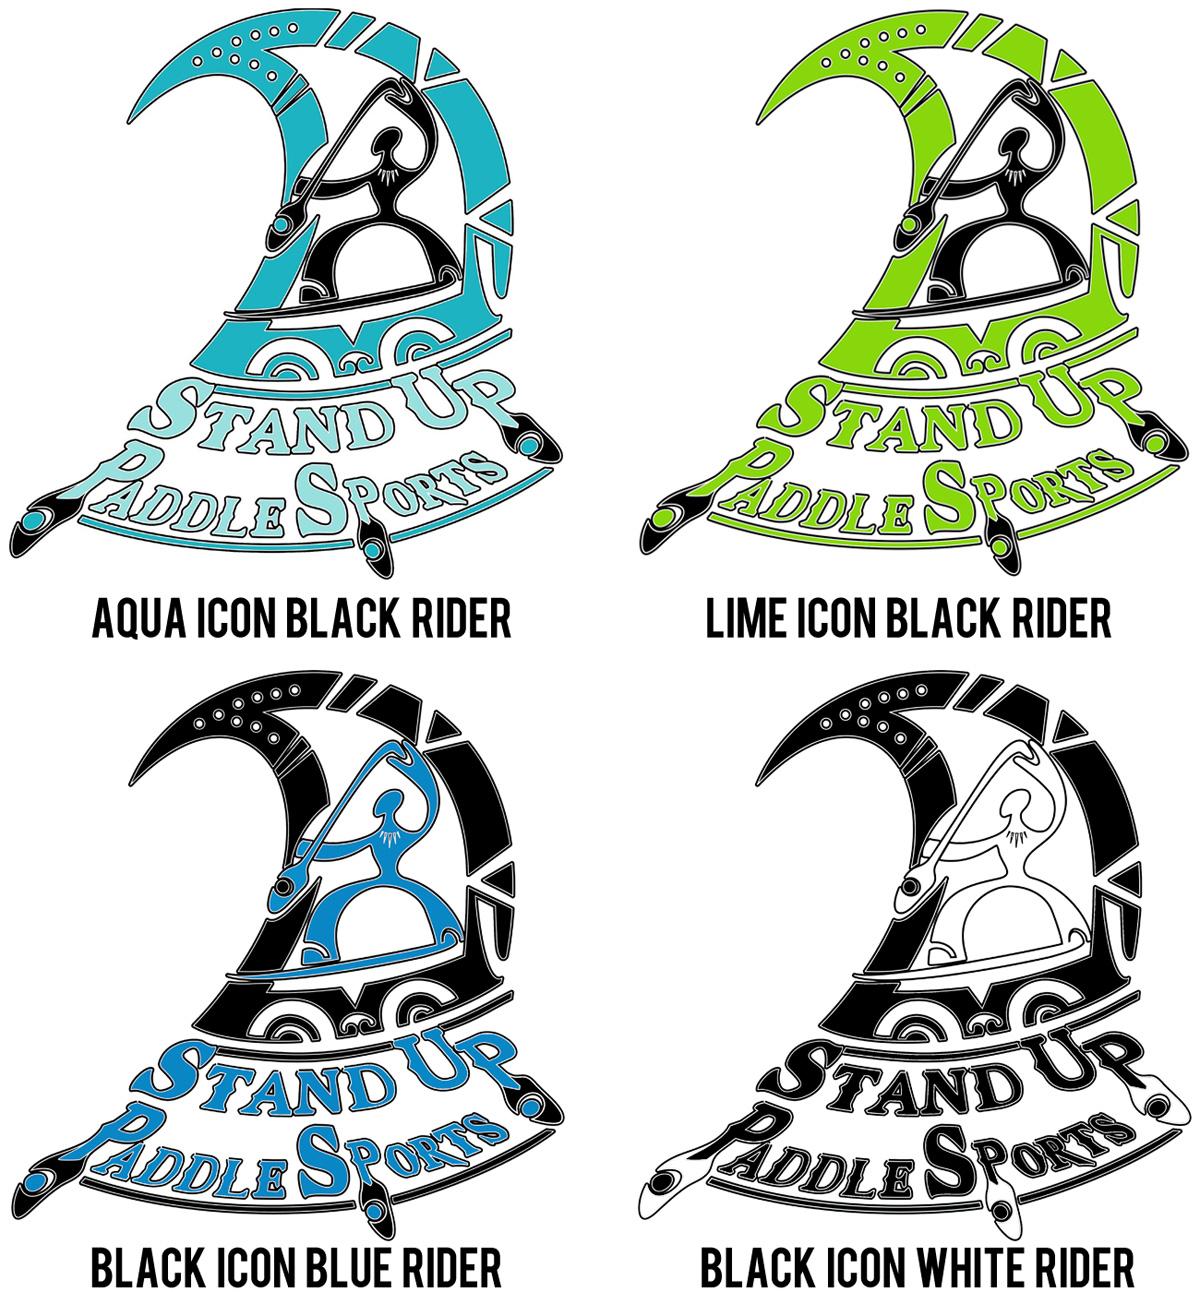 SUP logos